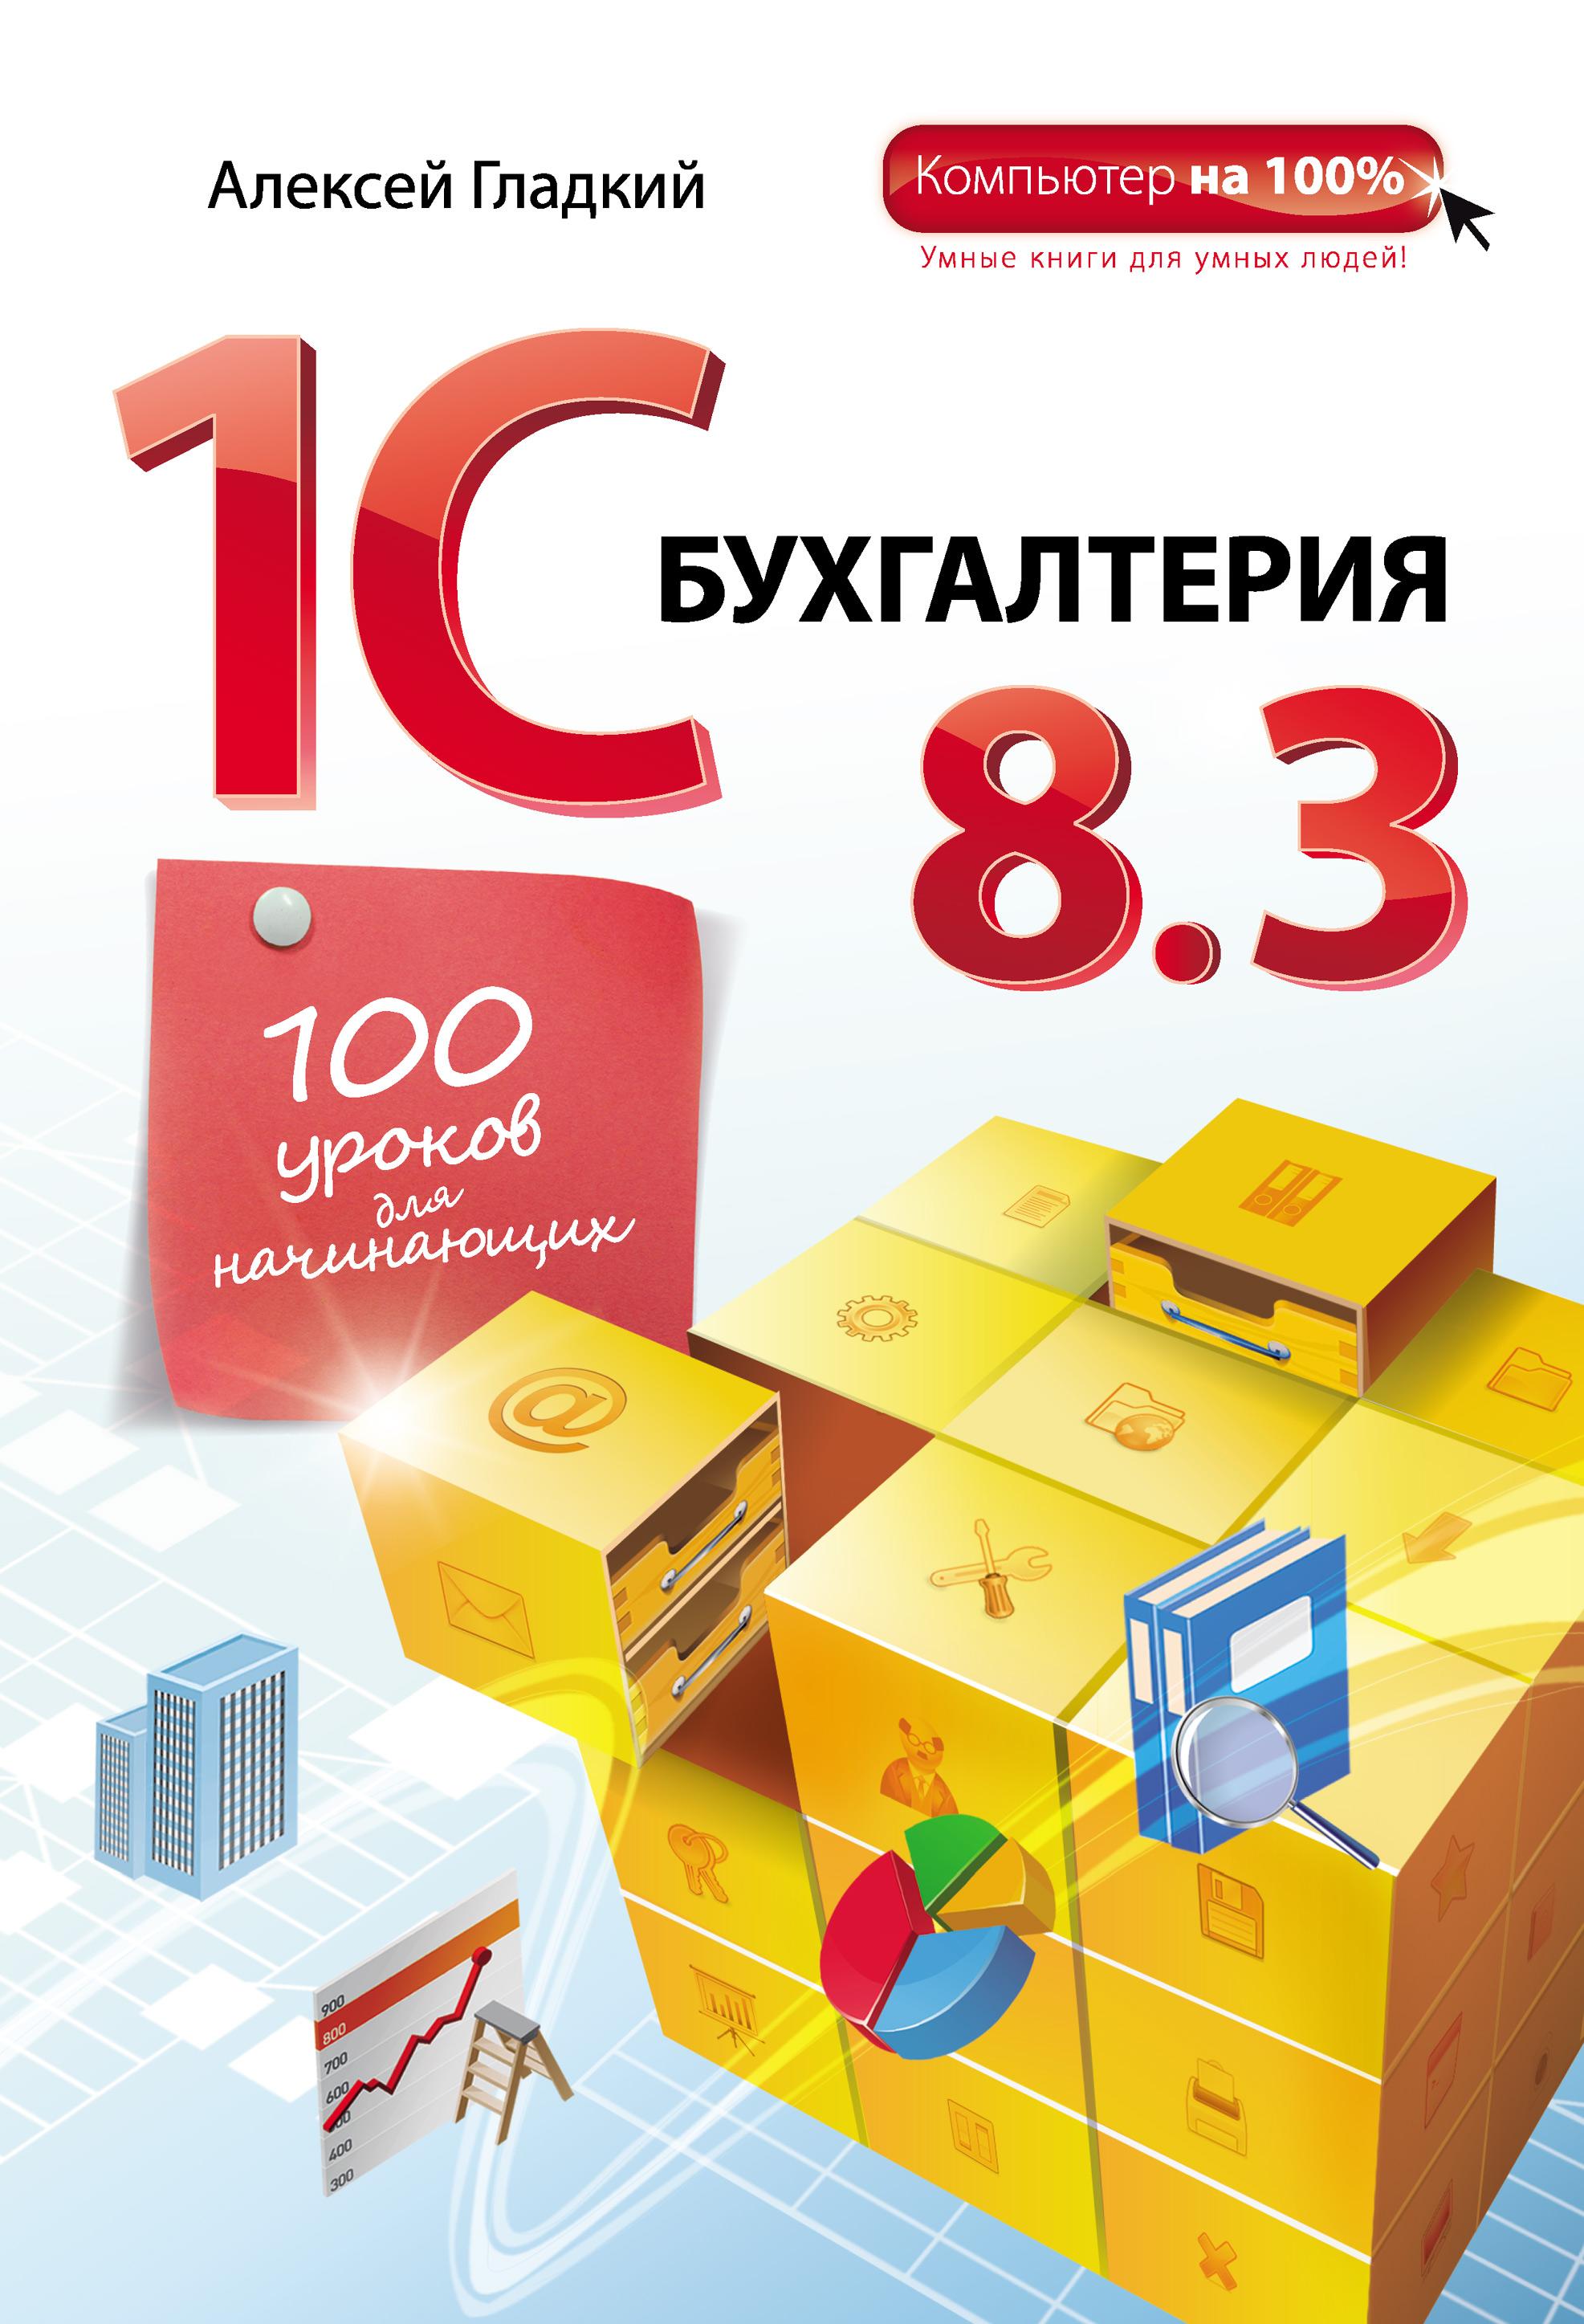 Алексей Гладкий 1С Бухгалтерия 8.3. 100 уроков для начинающих хомичевская в 1с бухгалтерия 8 0 бухгалтеру от бухгалтера